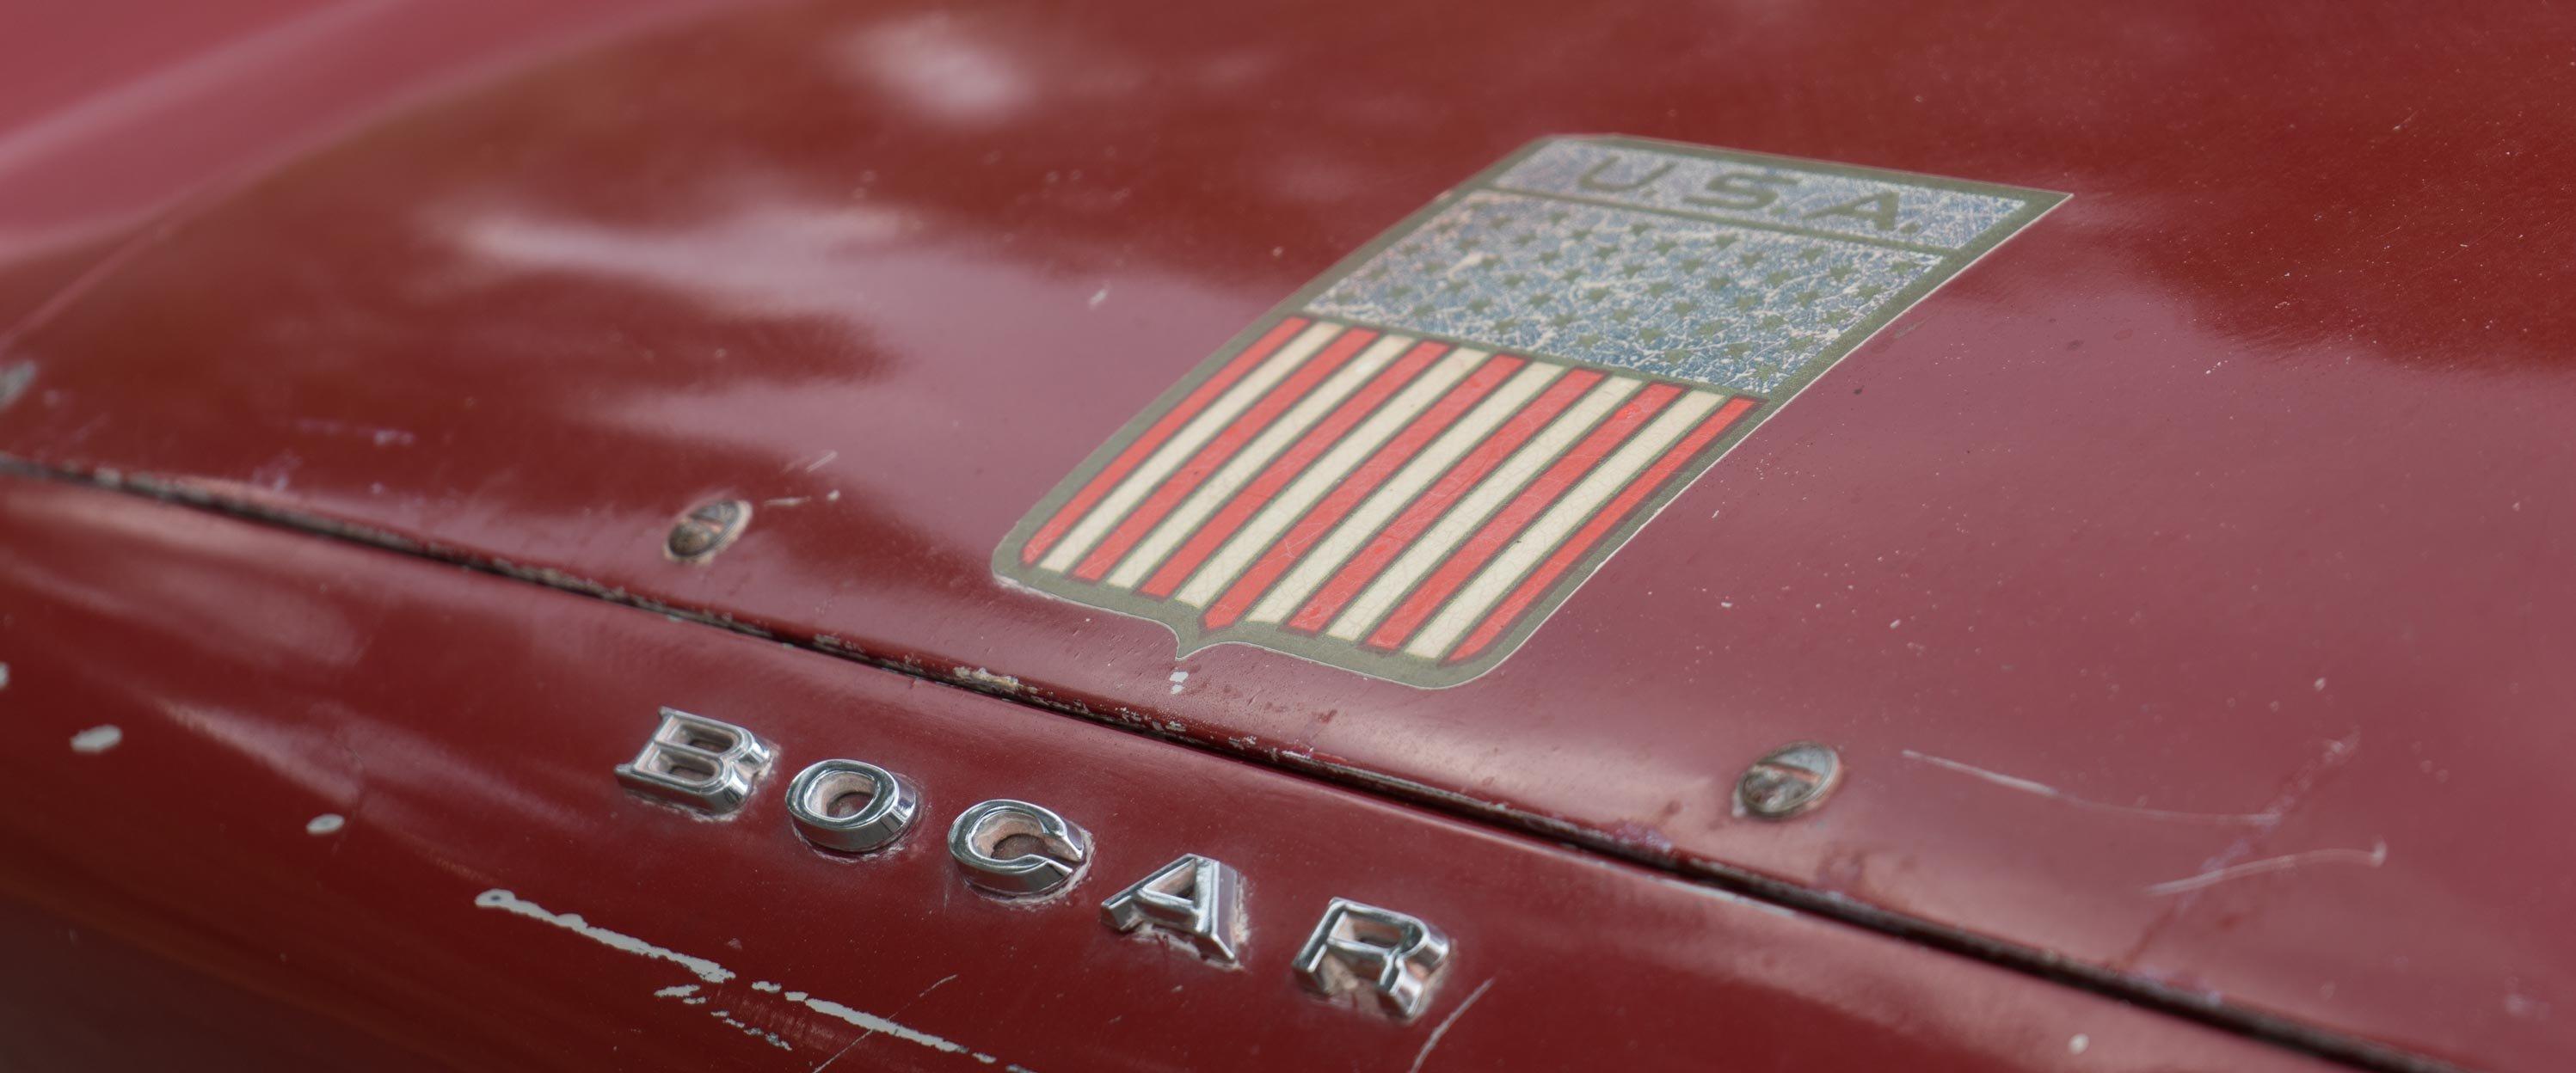 1959-Bocar-Restoration-Red-slideshow-005@2x